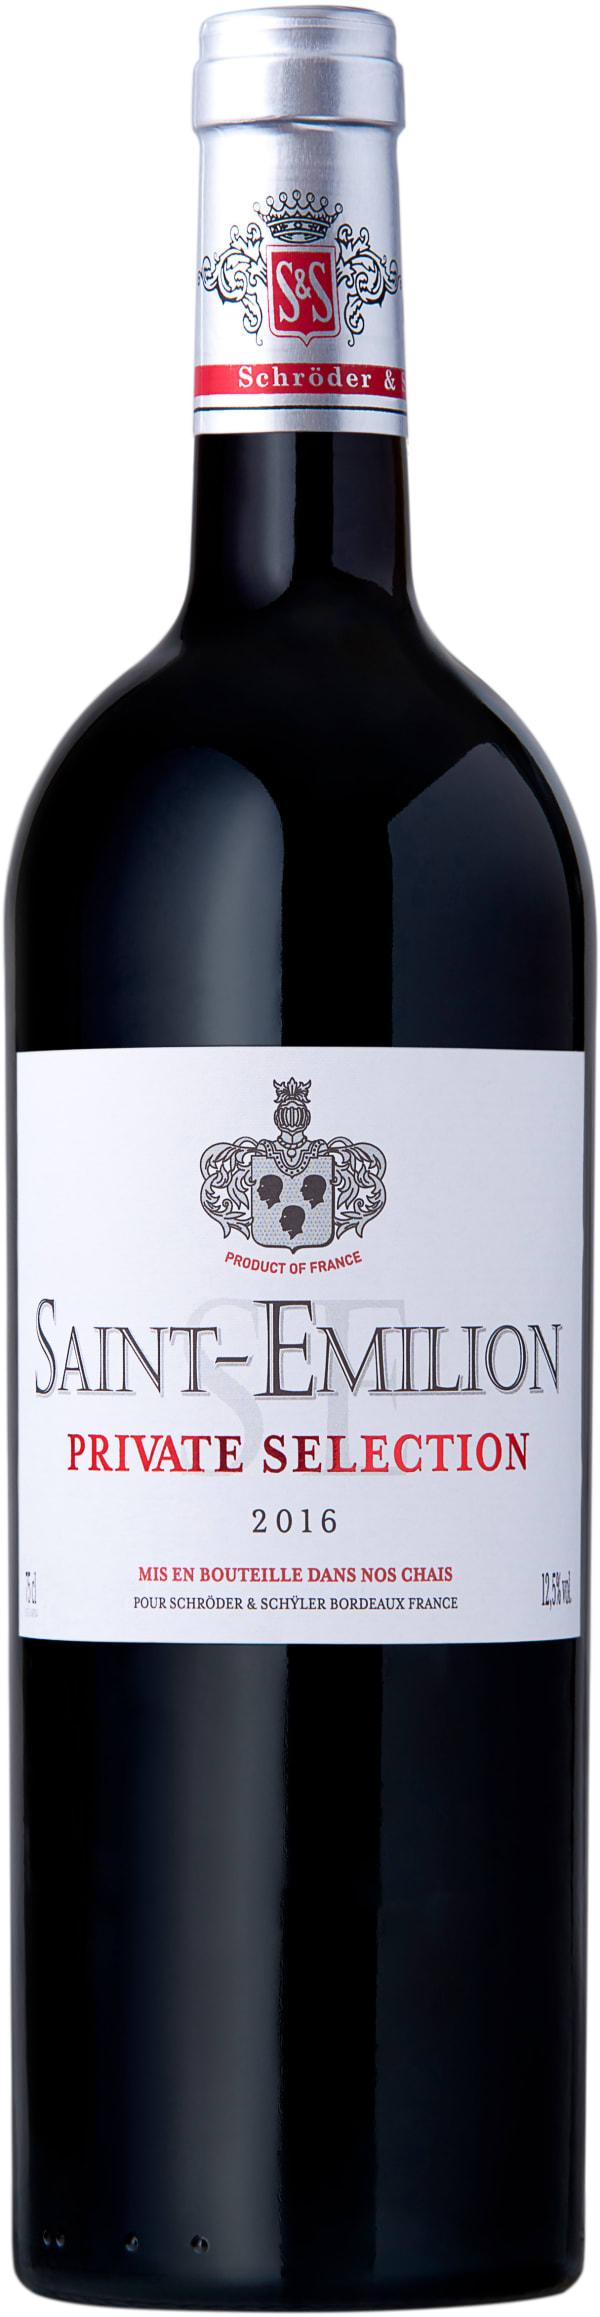 Private Selection Saint Émilion 2016